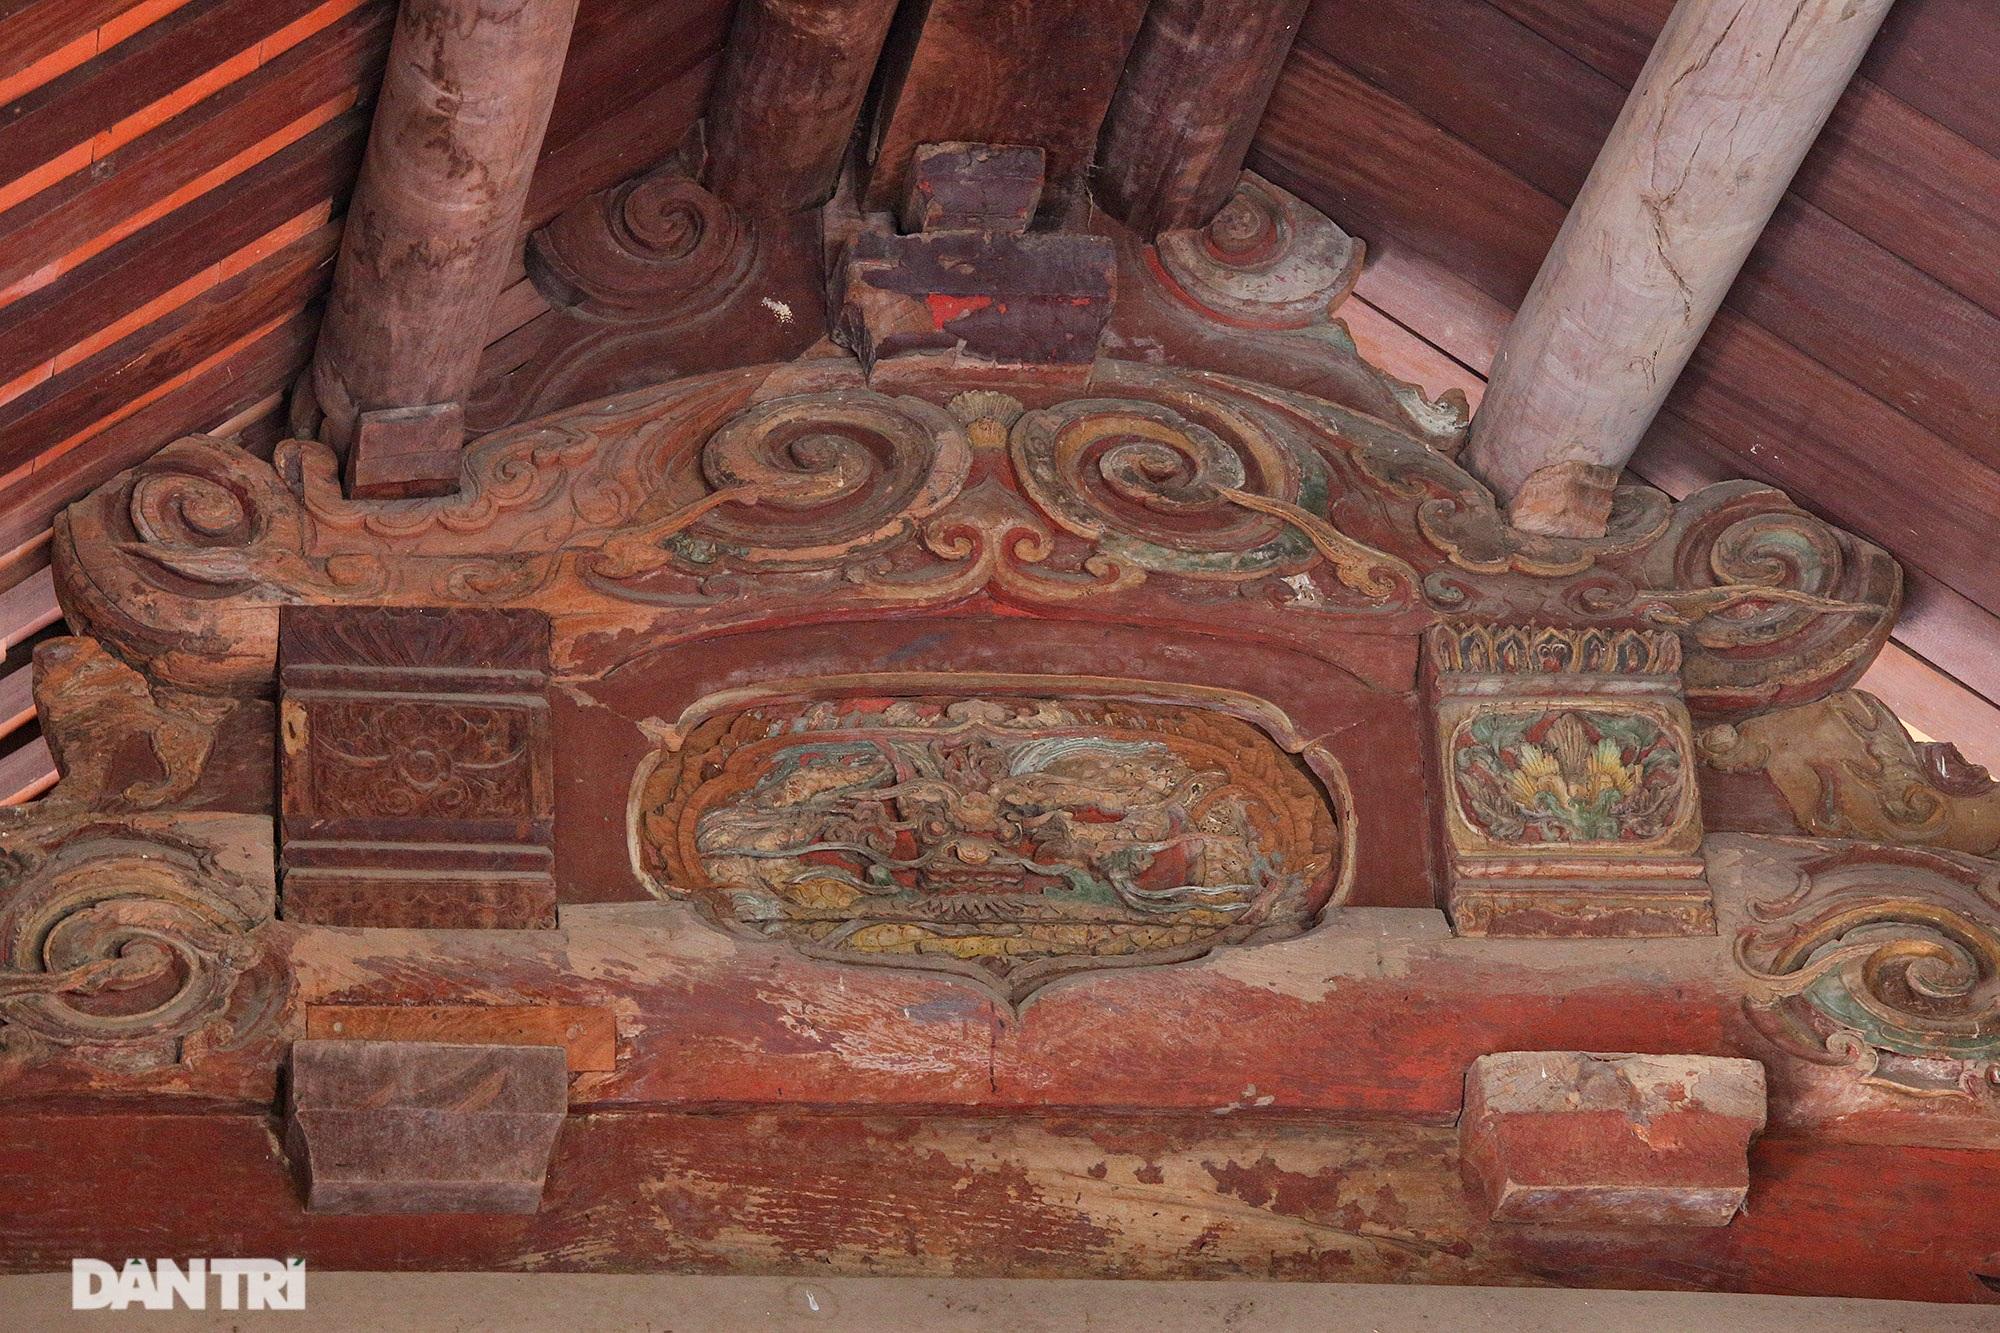 Chiêm ngưỡng tuyệt tác chạm khắc hơn 400 năm tuổi tại Hà Nội - 14